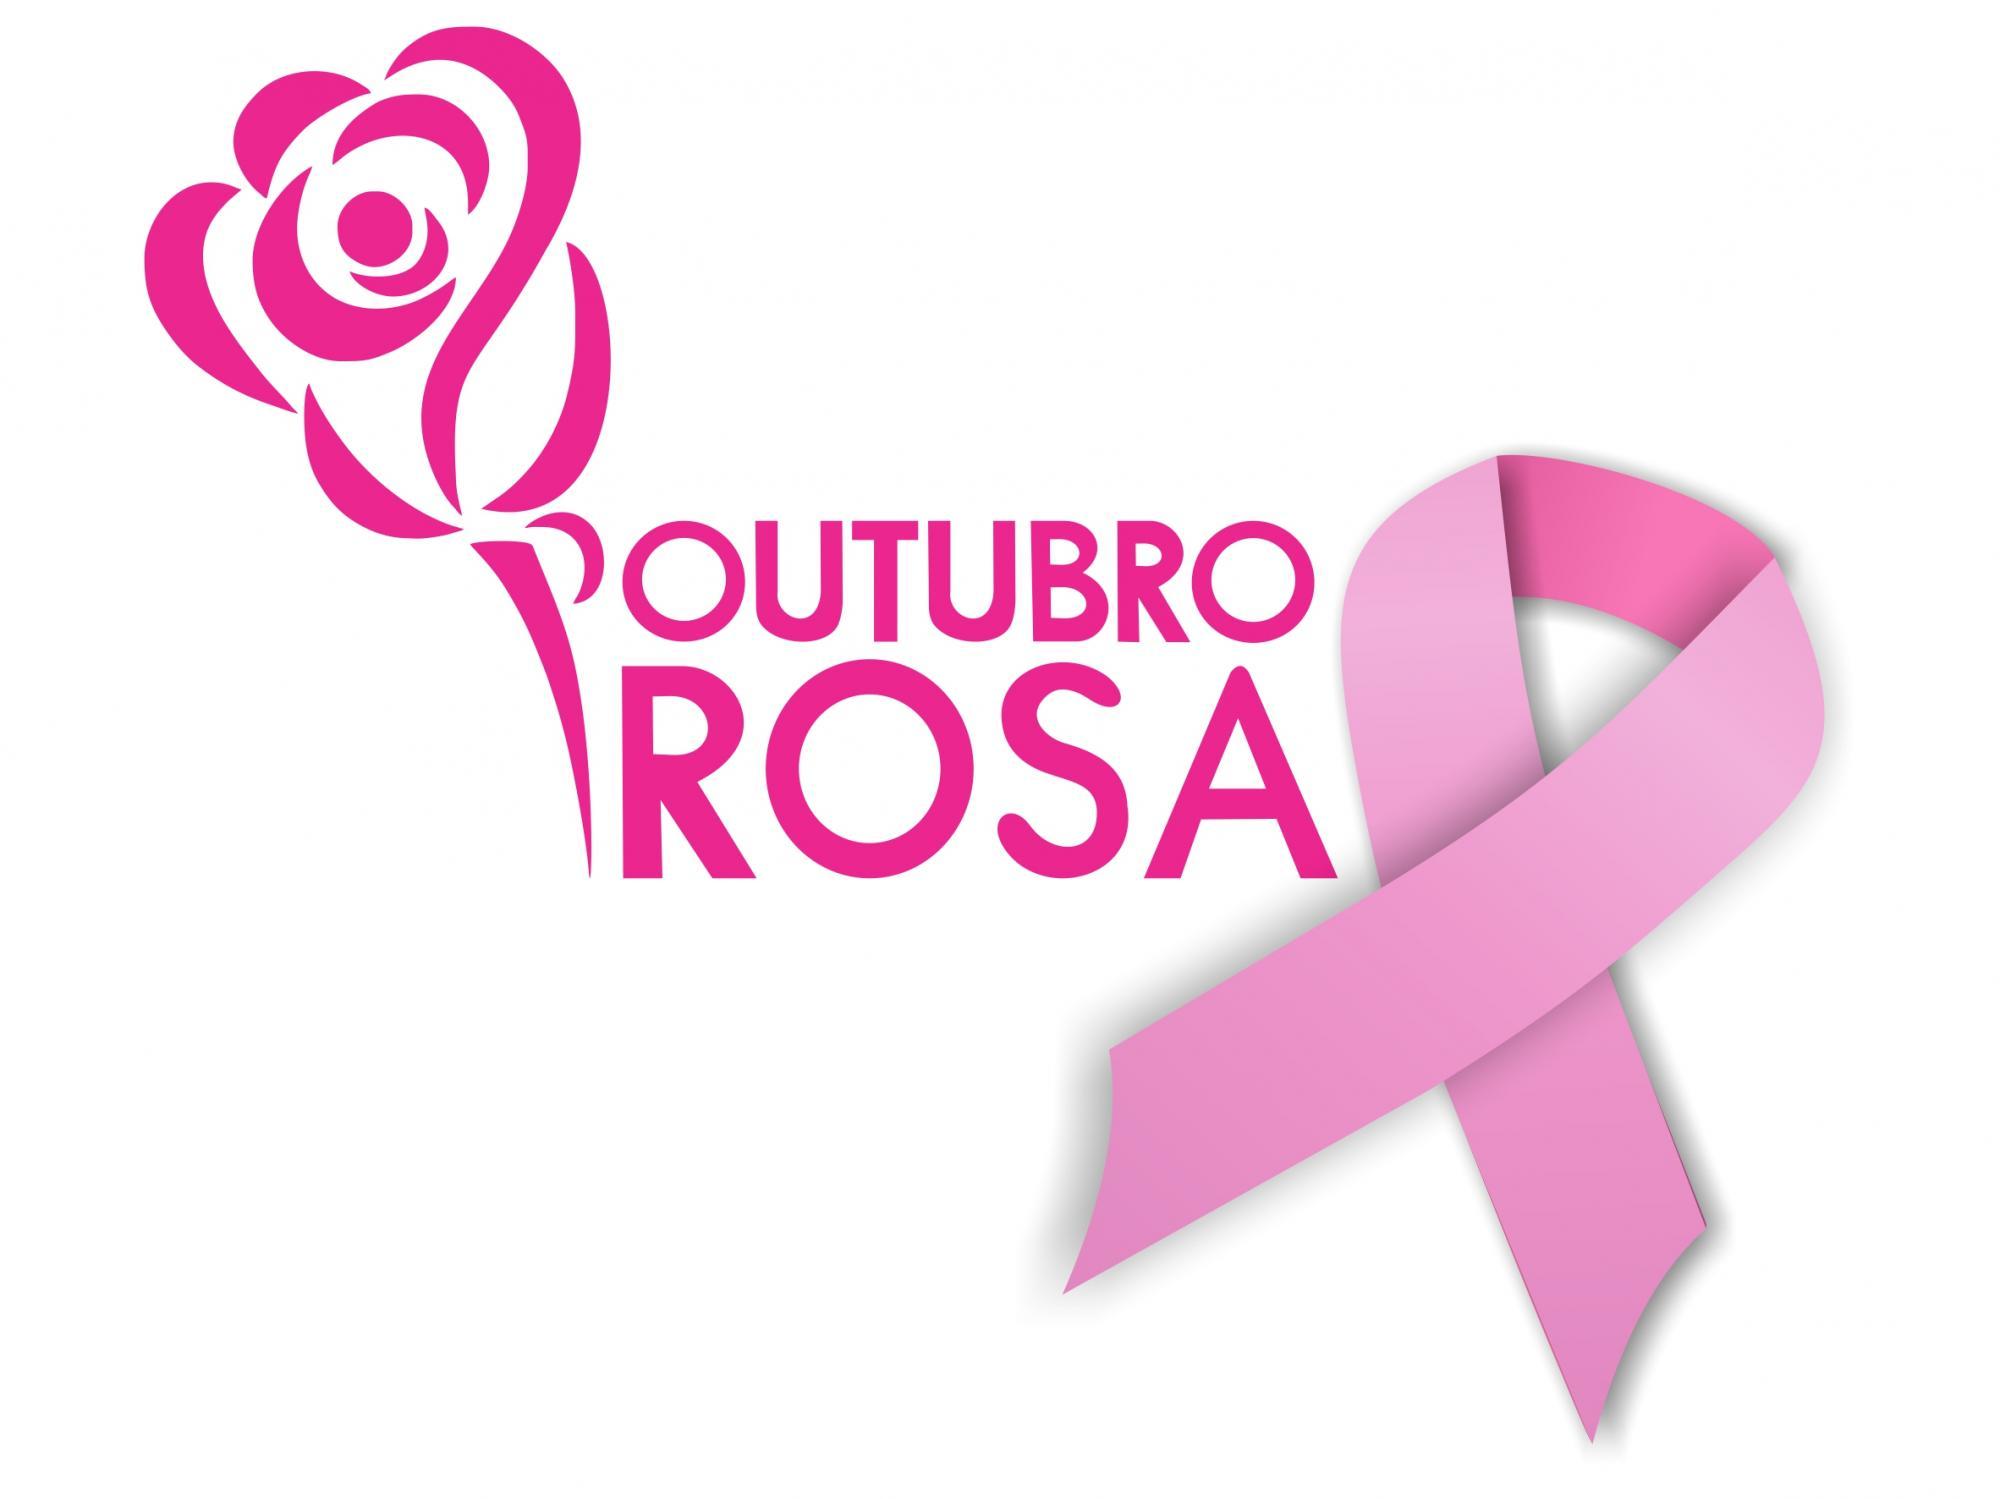 Palestra vai tratar sobre o câncer de mama e colo de útero em Ituporanga